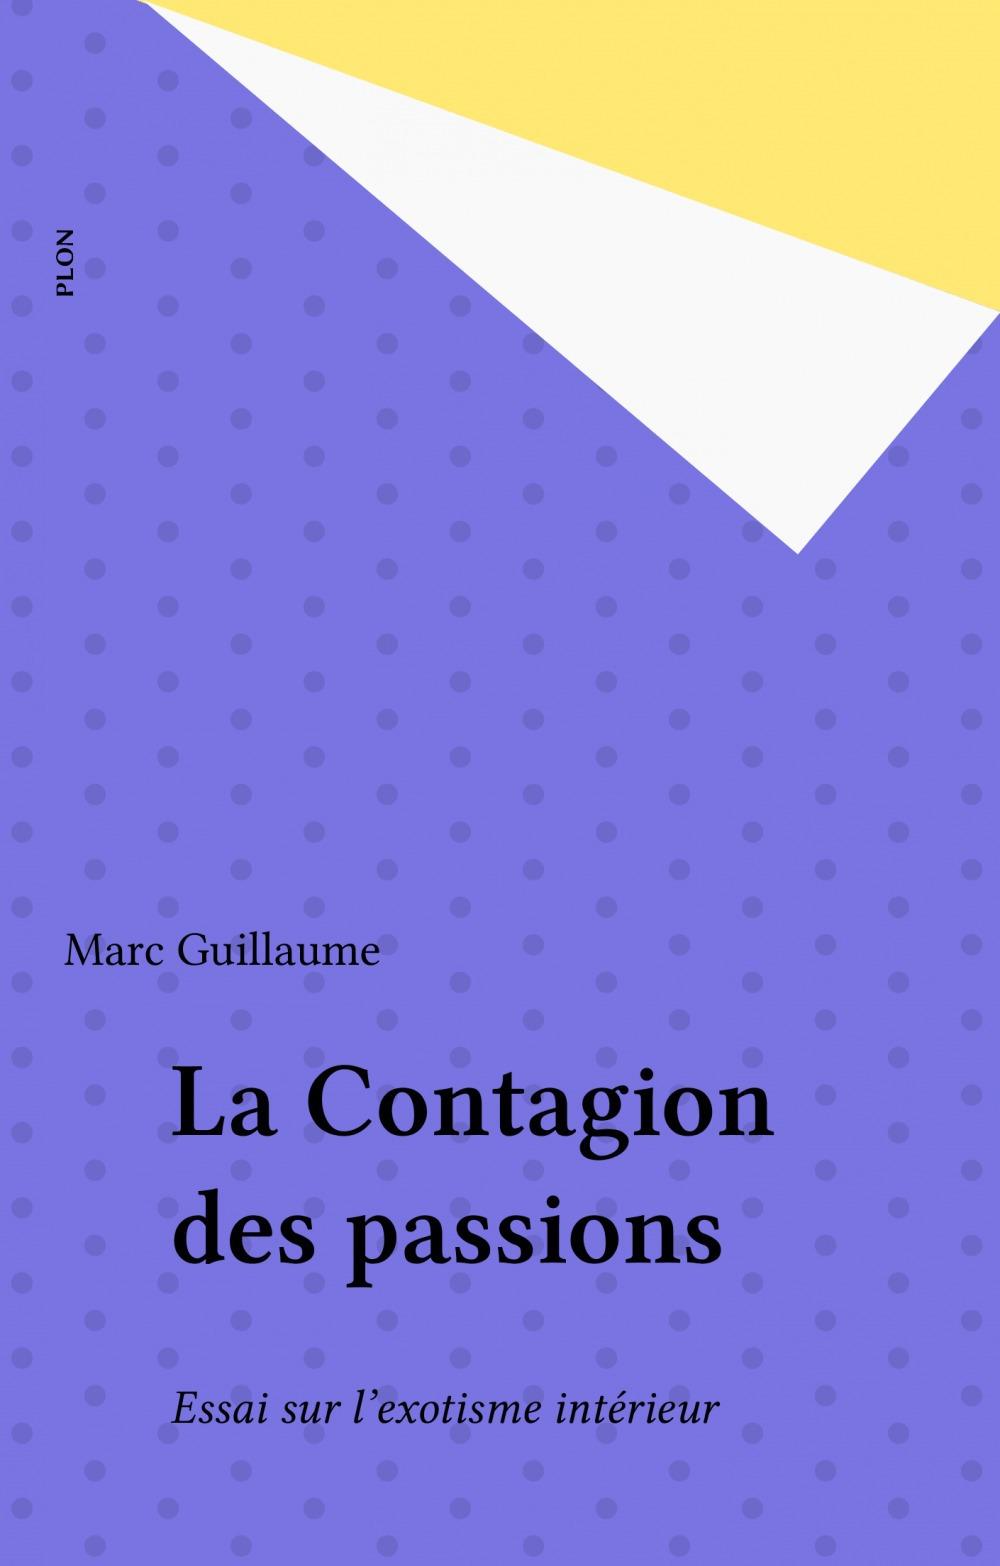 La contagion des passions